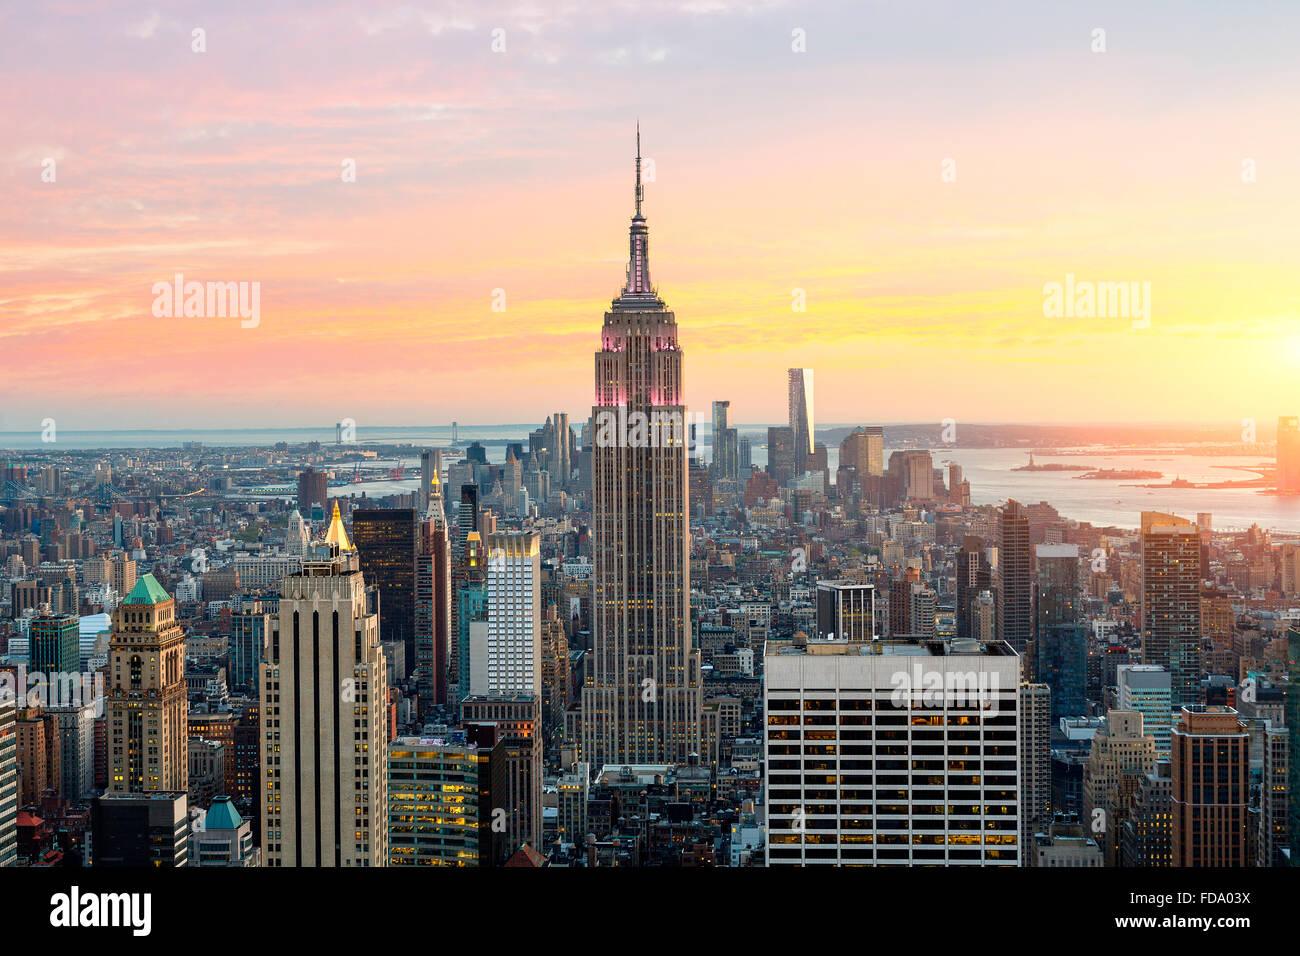 El horizonte de la ciudad de Nueva York con el Empire State Building. Imagen De Stock